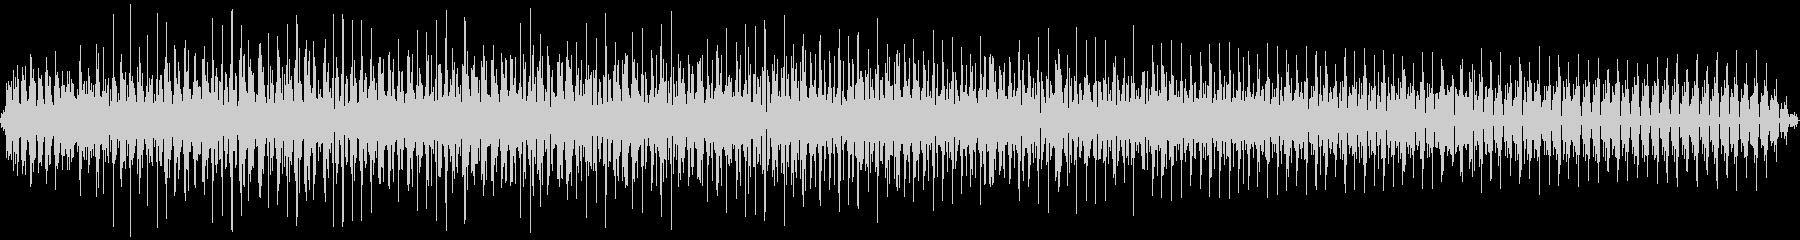 カートンまたはSCI FIポンプ:...の未再生の波形